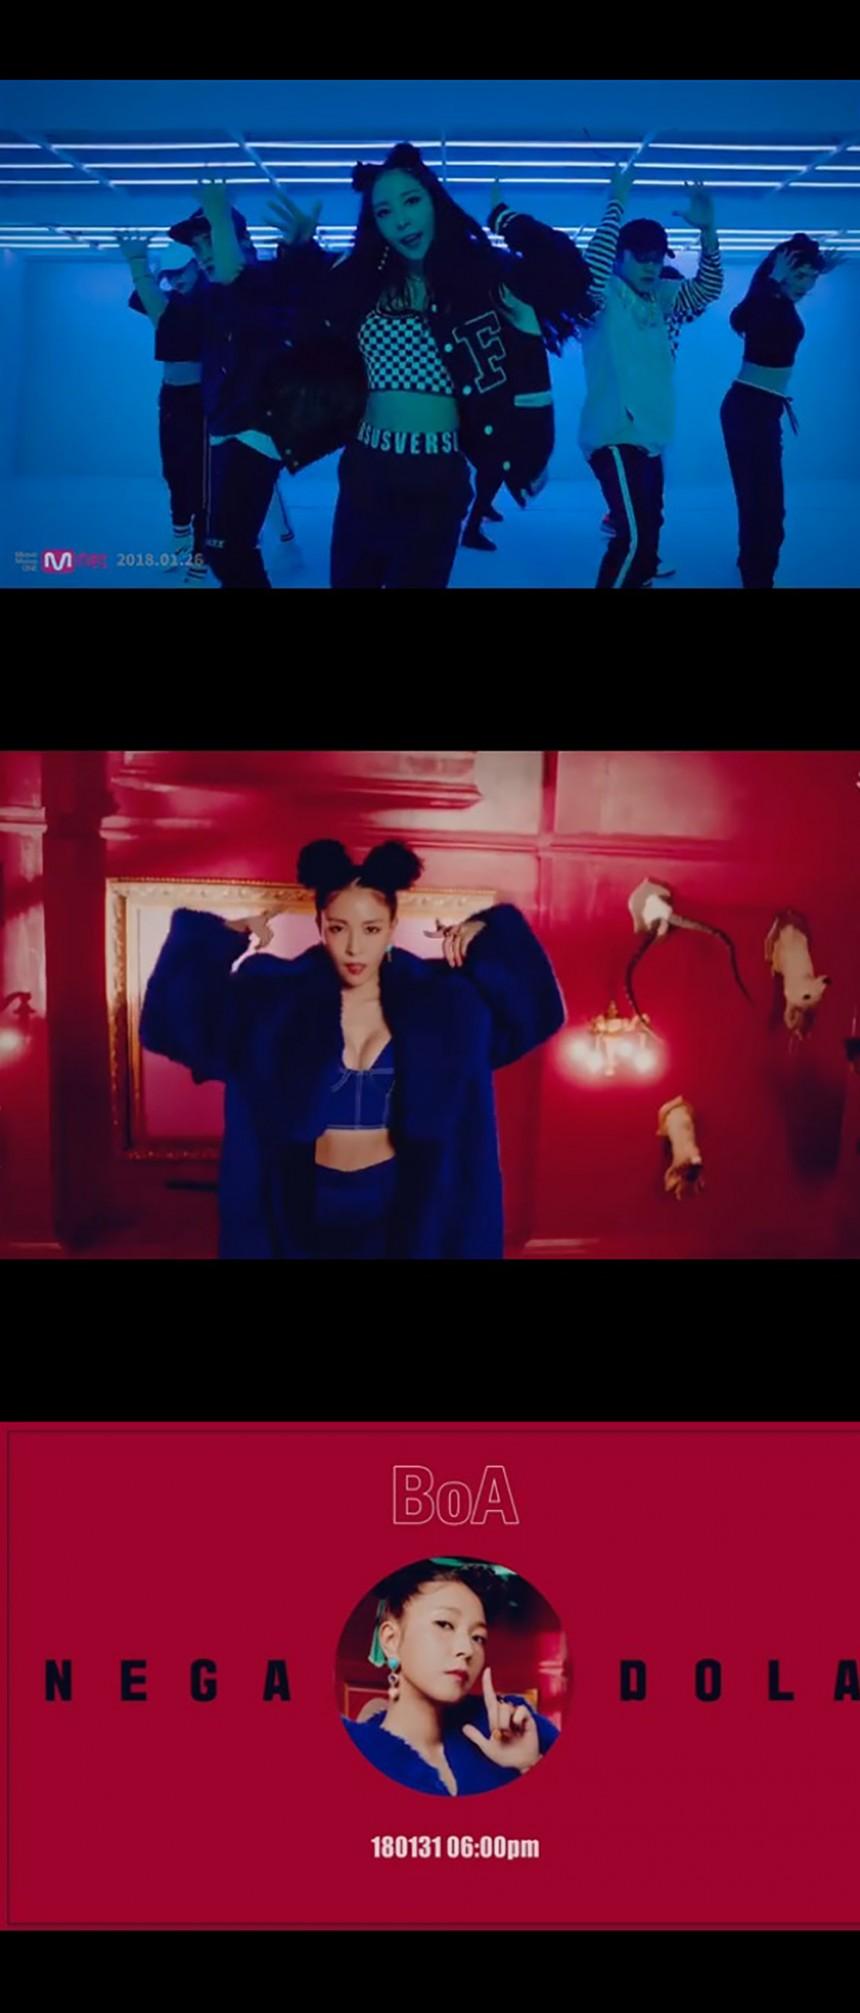 보아(BoA) / 보아 '내가 돌아' MV 티저 캡처